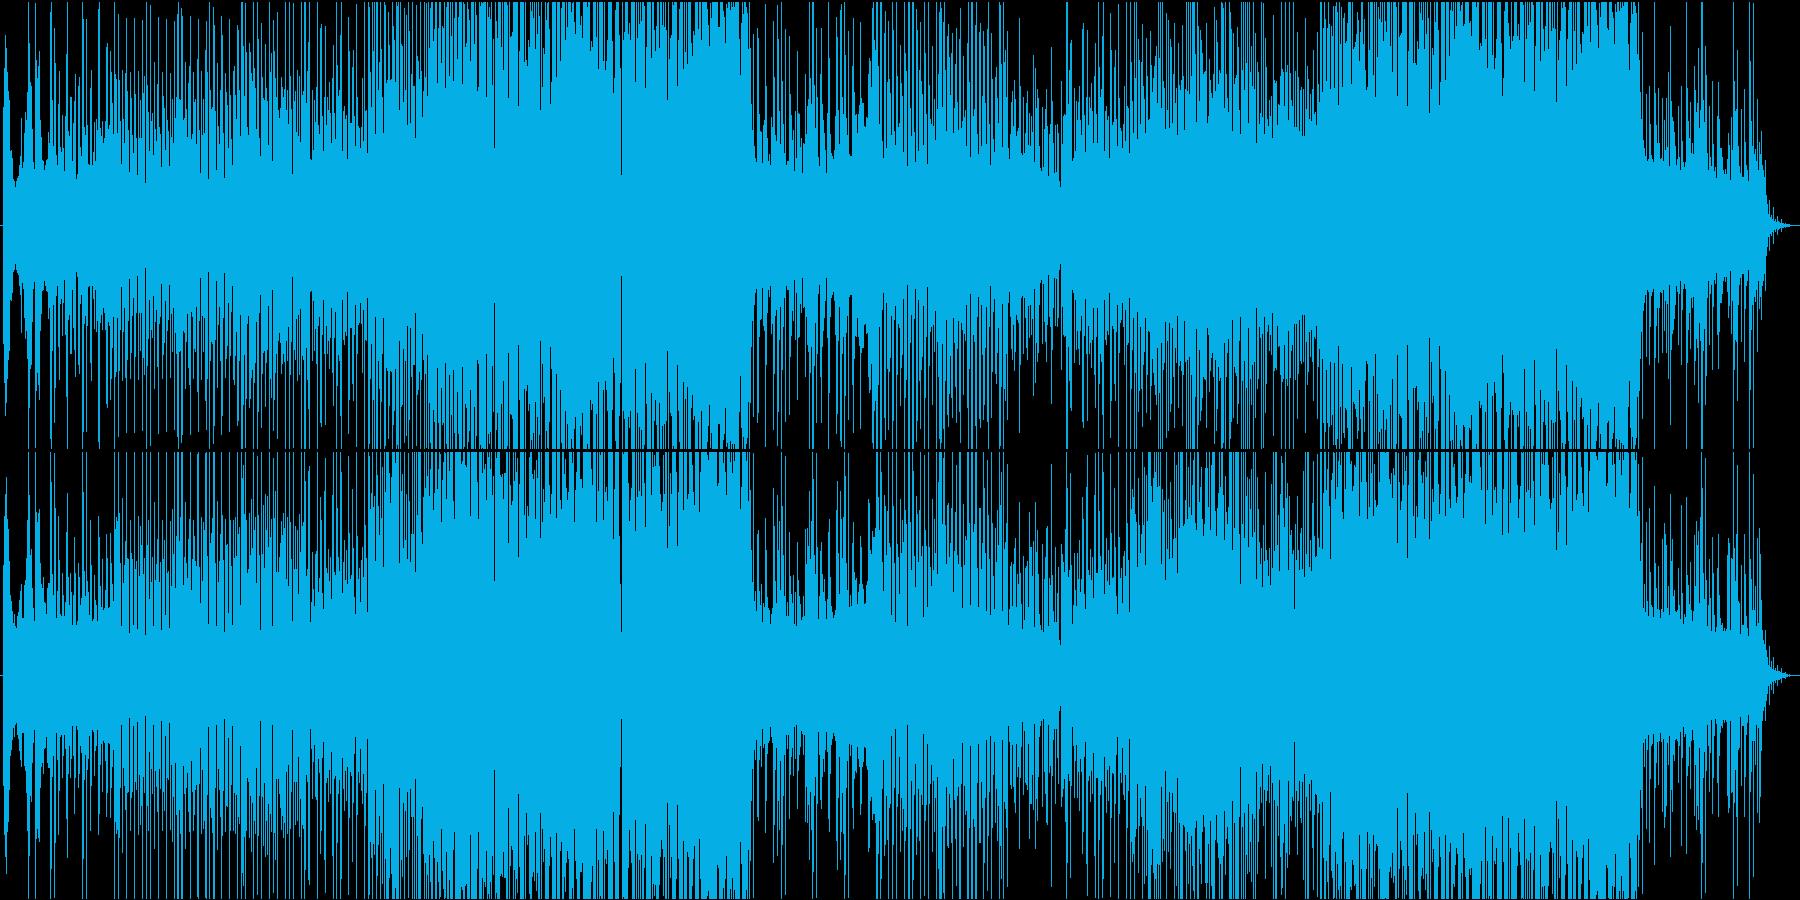 三味線と太鼓が奏でる和風EDM楽曲の再生済みの波形